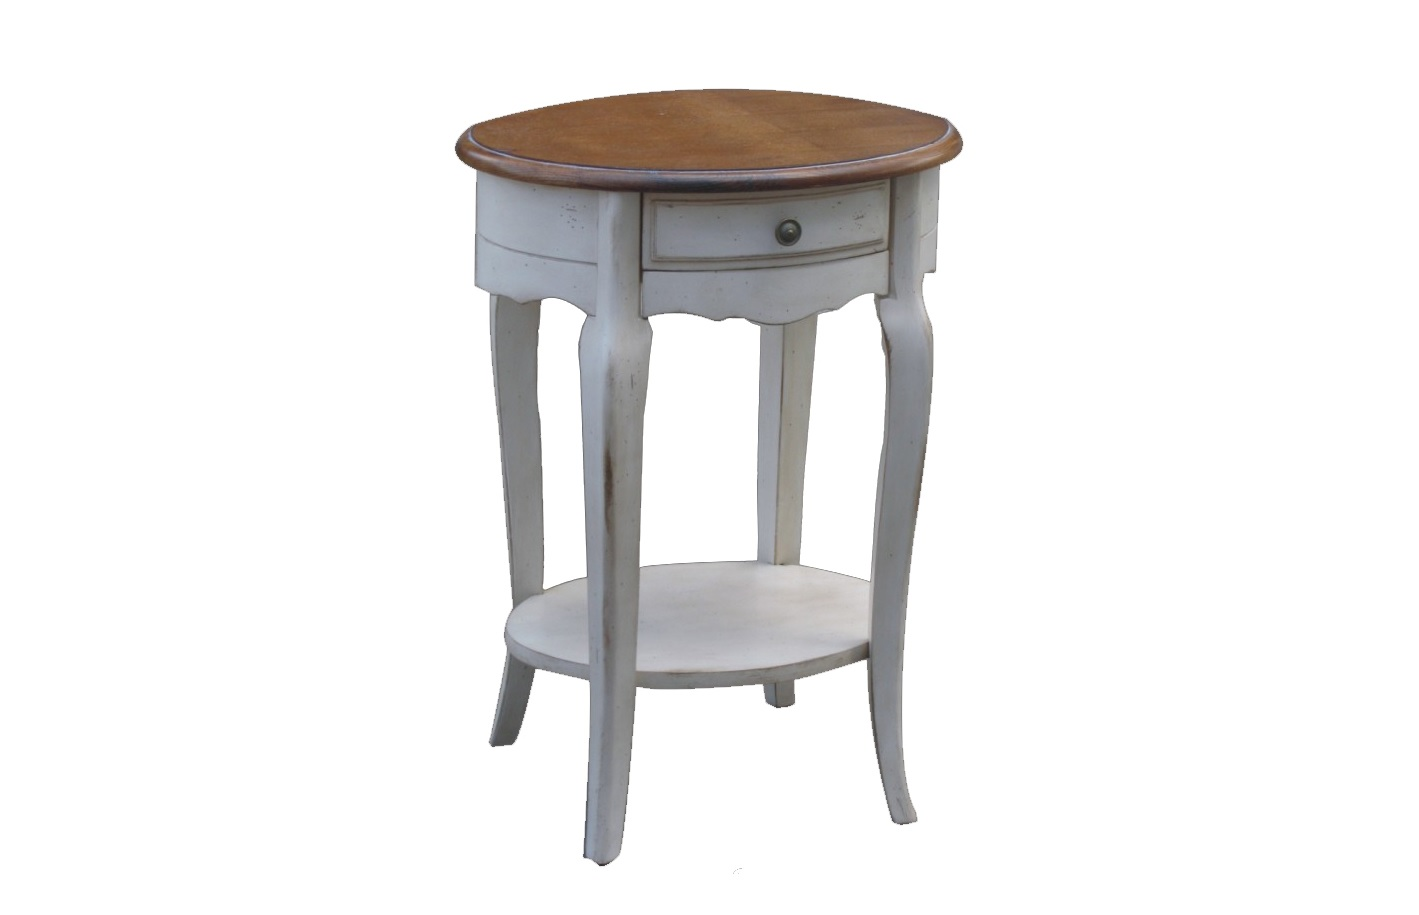 Приставной столик Blanc bonbonПриставные столики<br>Маленькие детали способны придать завершенность и целостность любому интерьеру. К такого рода вещам можно отнести и столик &amp;quot;Blanc Bonbon&amp;quot;, созданный для дополнения комнат в прованском стиле. Пропитанный атмосферой загородного уюта, он отличается особенной красотой. В ней изысканность и элегантность встречаются с винтажной простотой, создавая уникальный дизайн.&amp;amp;nbsp;<br><br>Material: Дерево<br>Ширина см: 43<br>Высота см: 72